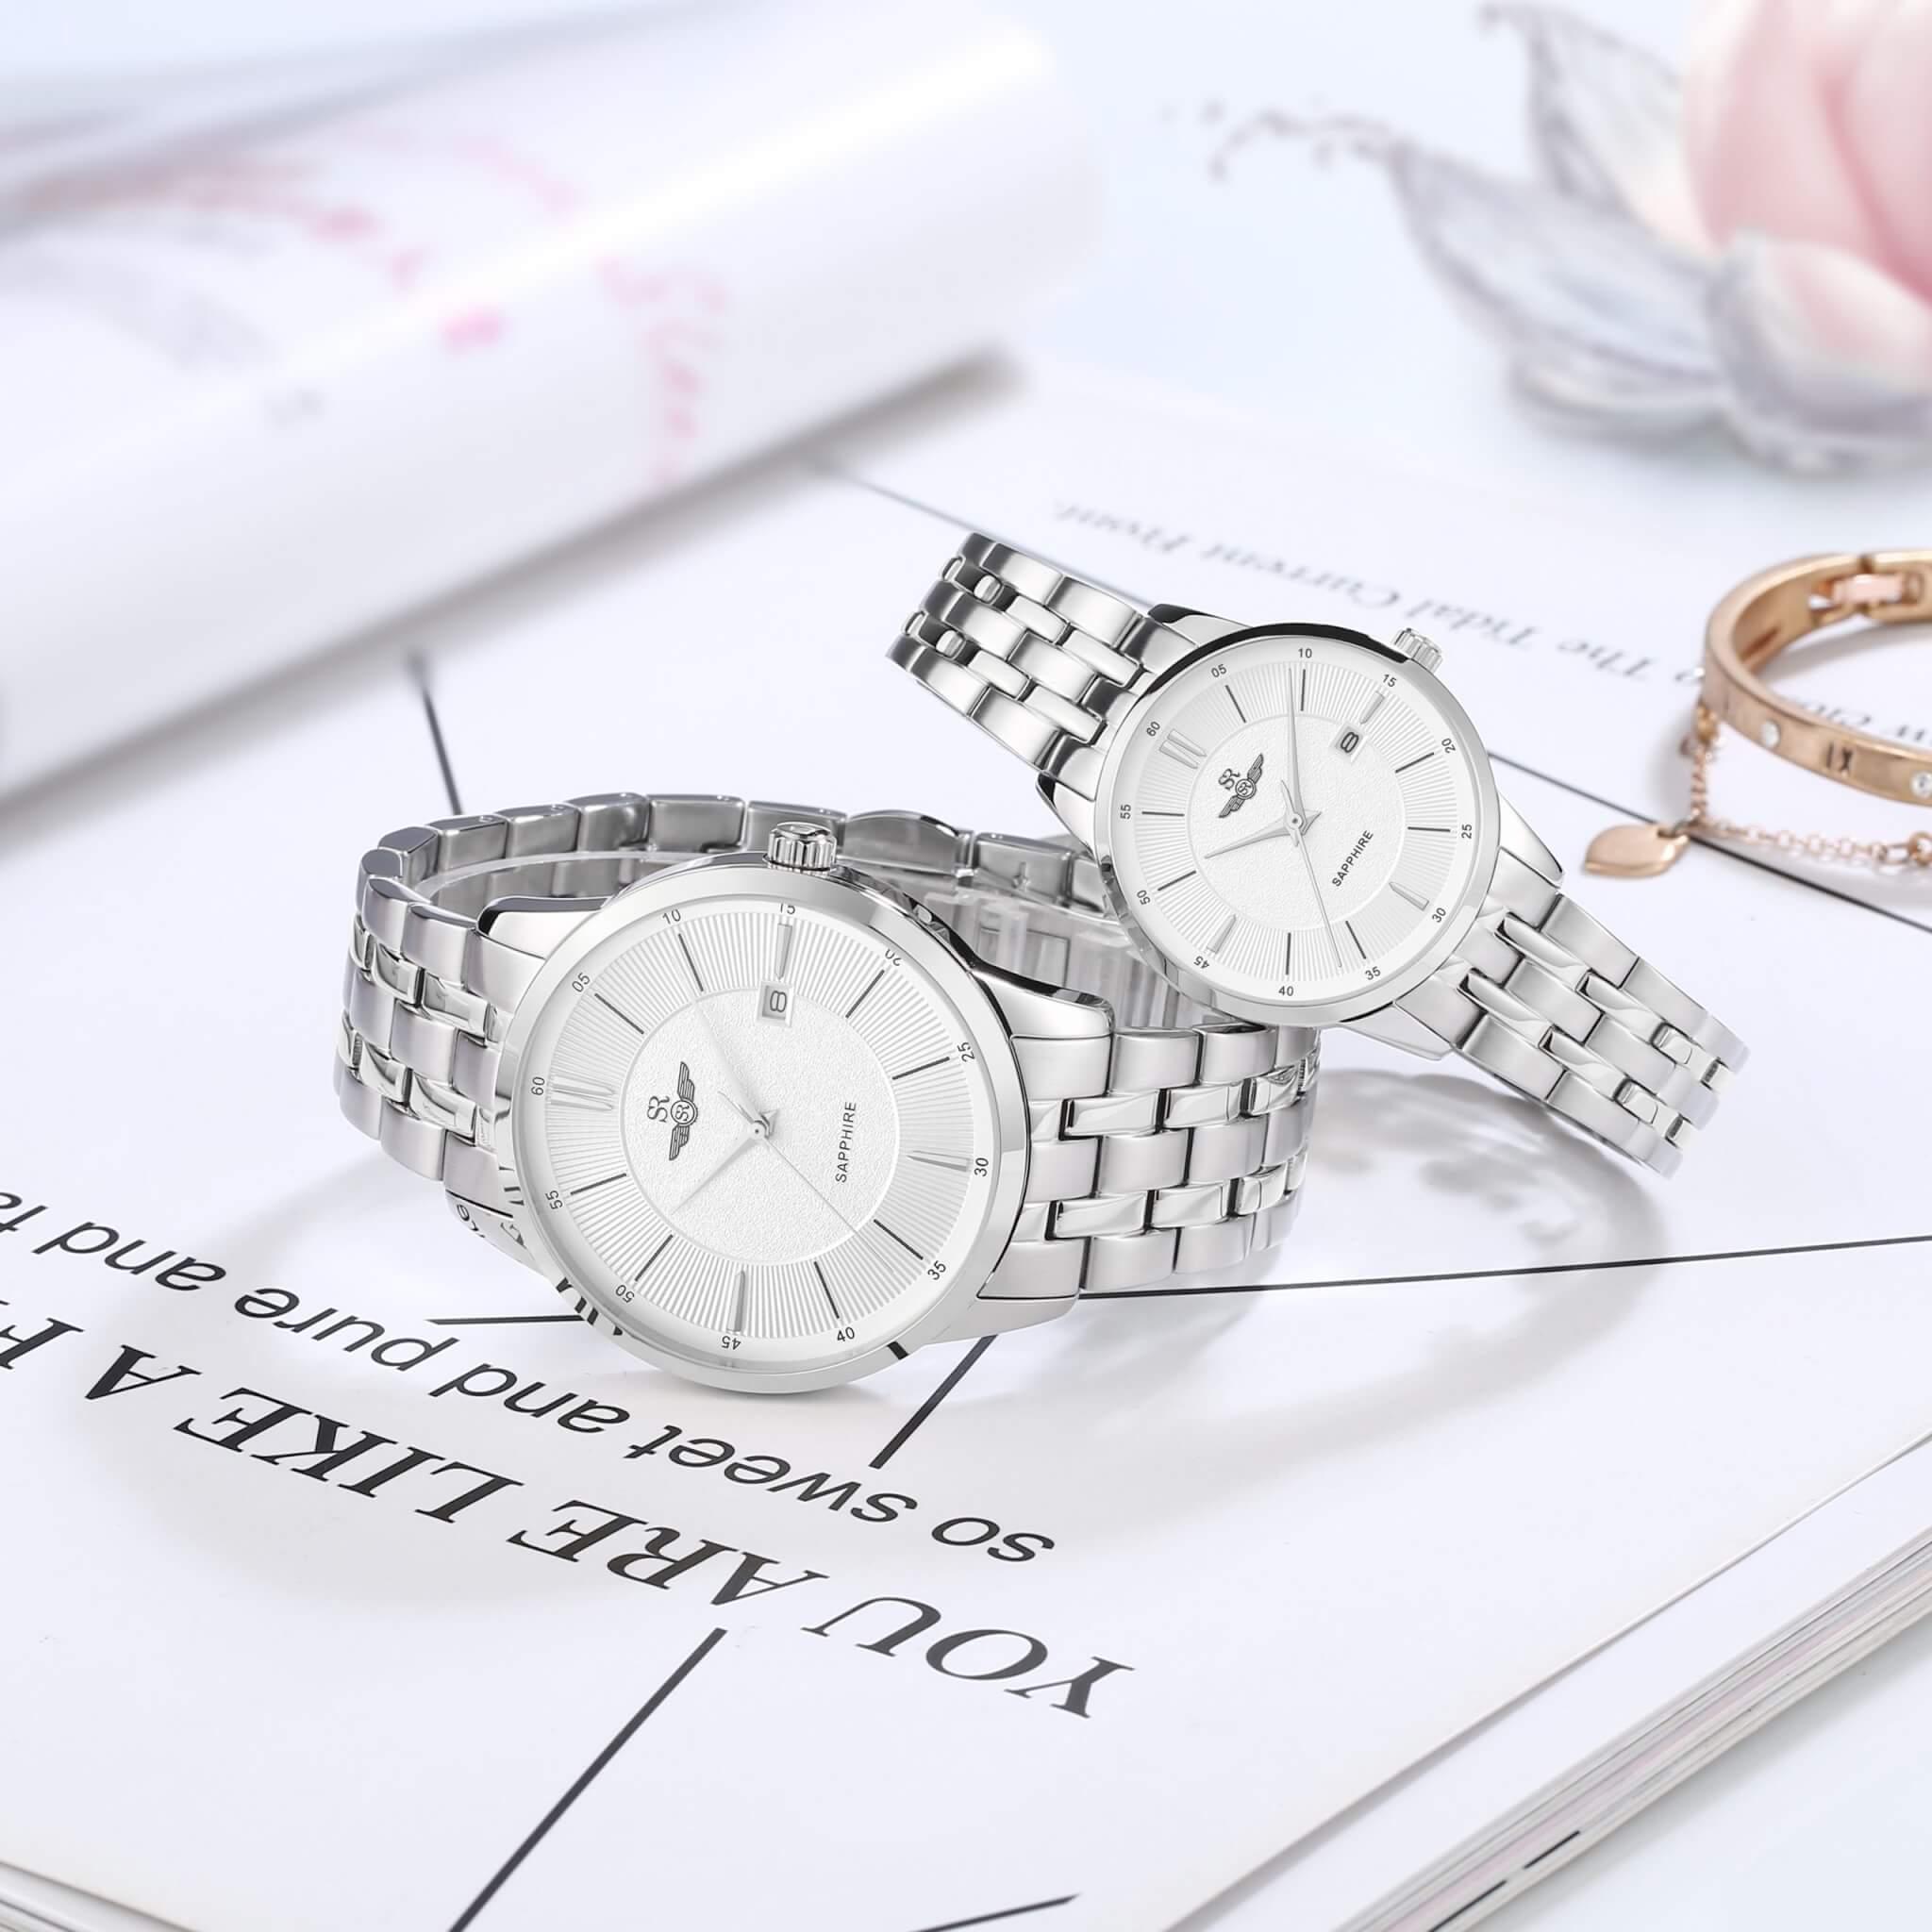 đồng hồ sapphire nữ chính hãng giá tốt